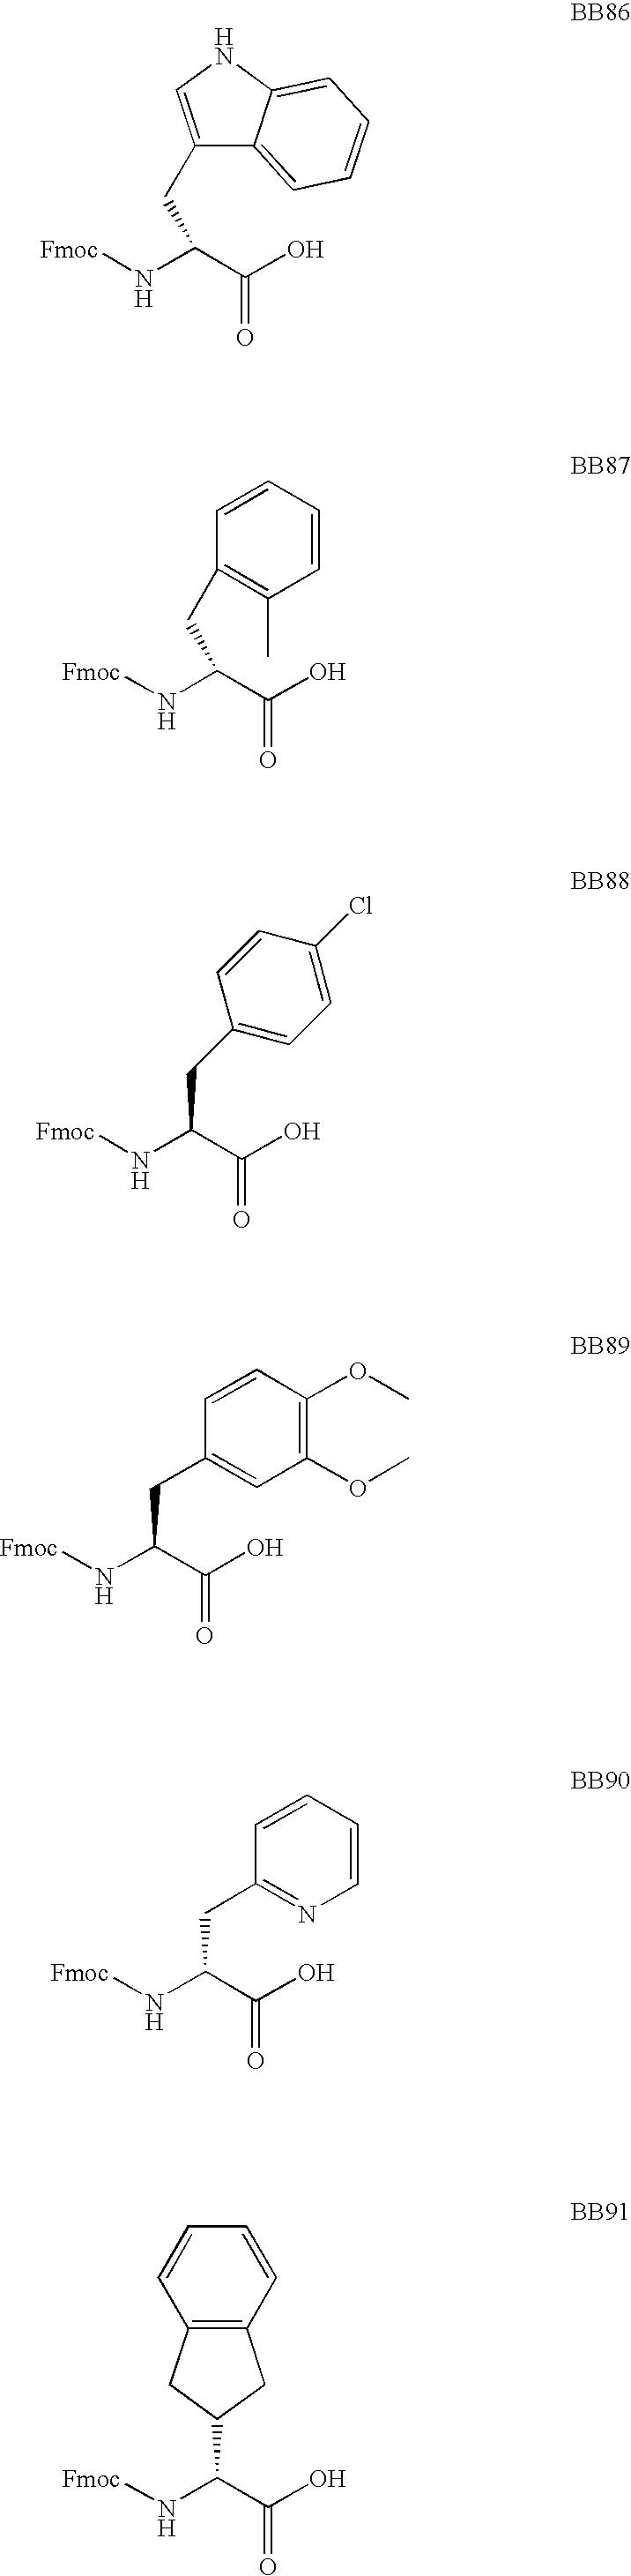 Figure US07972994-20110705-C00127